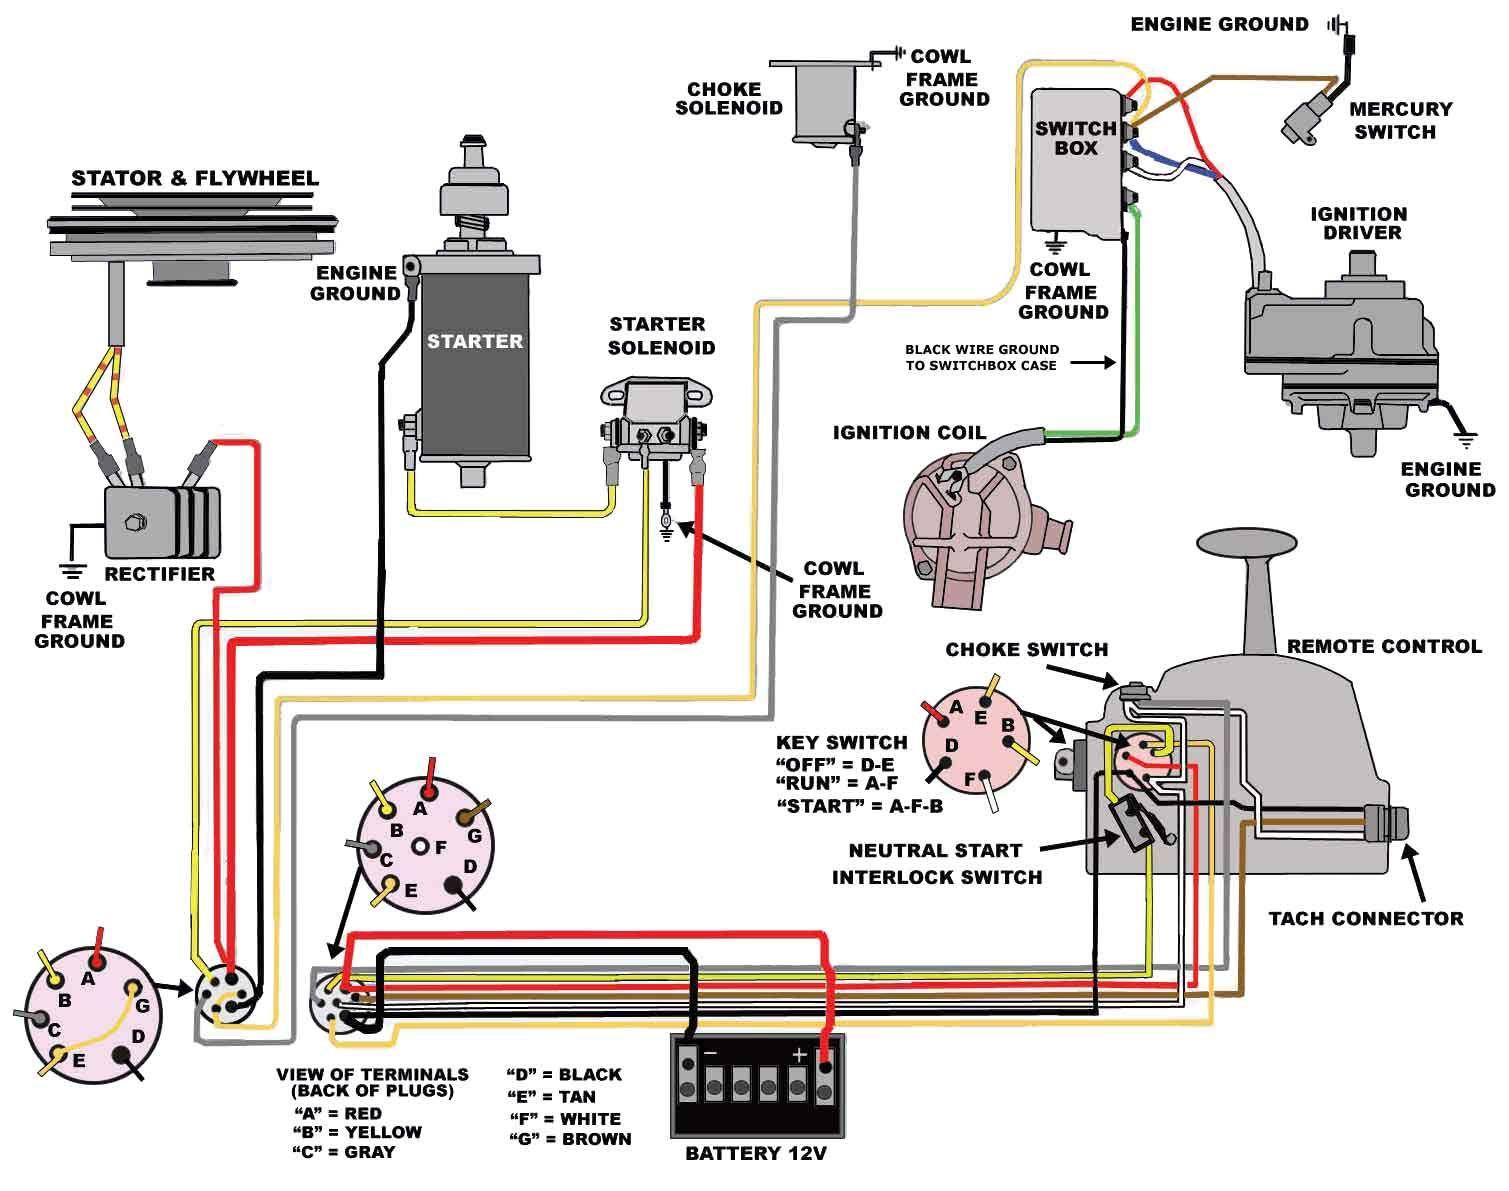 Mercury Outboard Wiring Diagram | C&i | Mercury Outboard, Mercury - Starter Motor Wiring Diagram